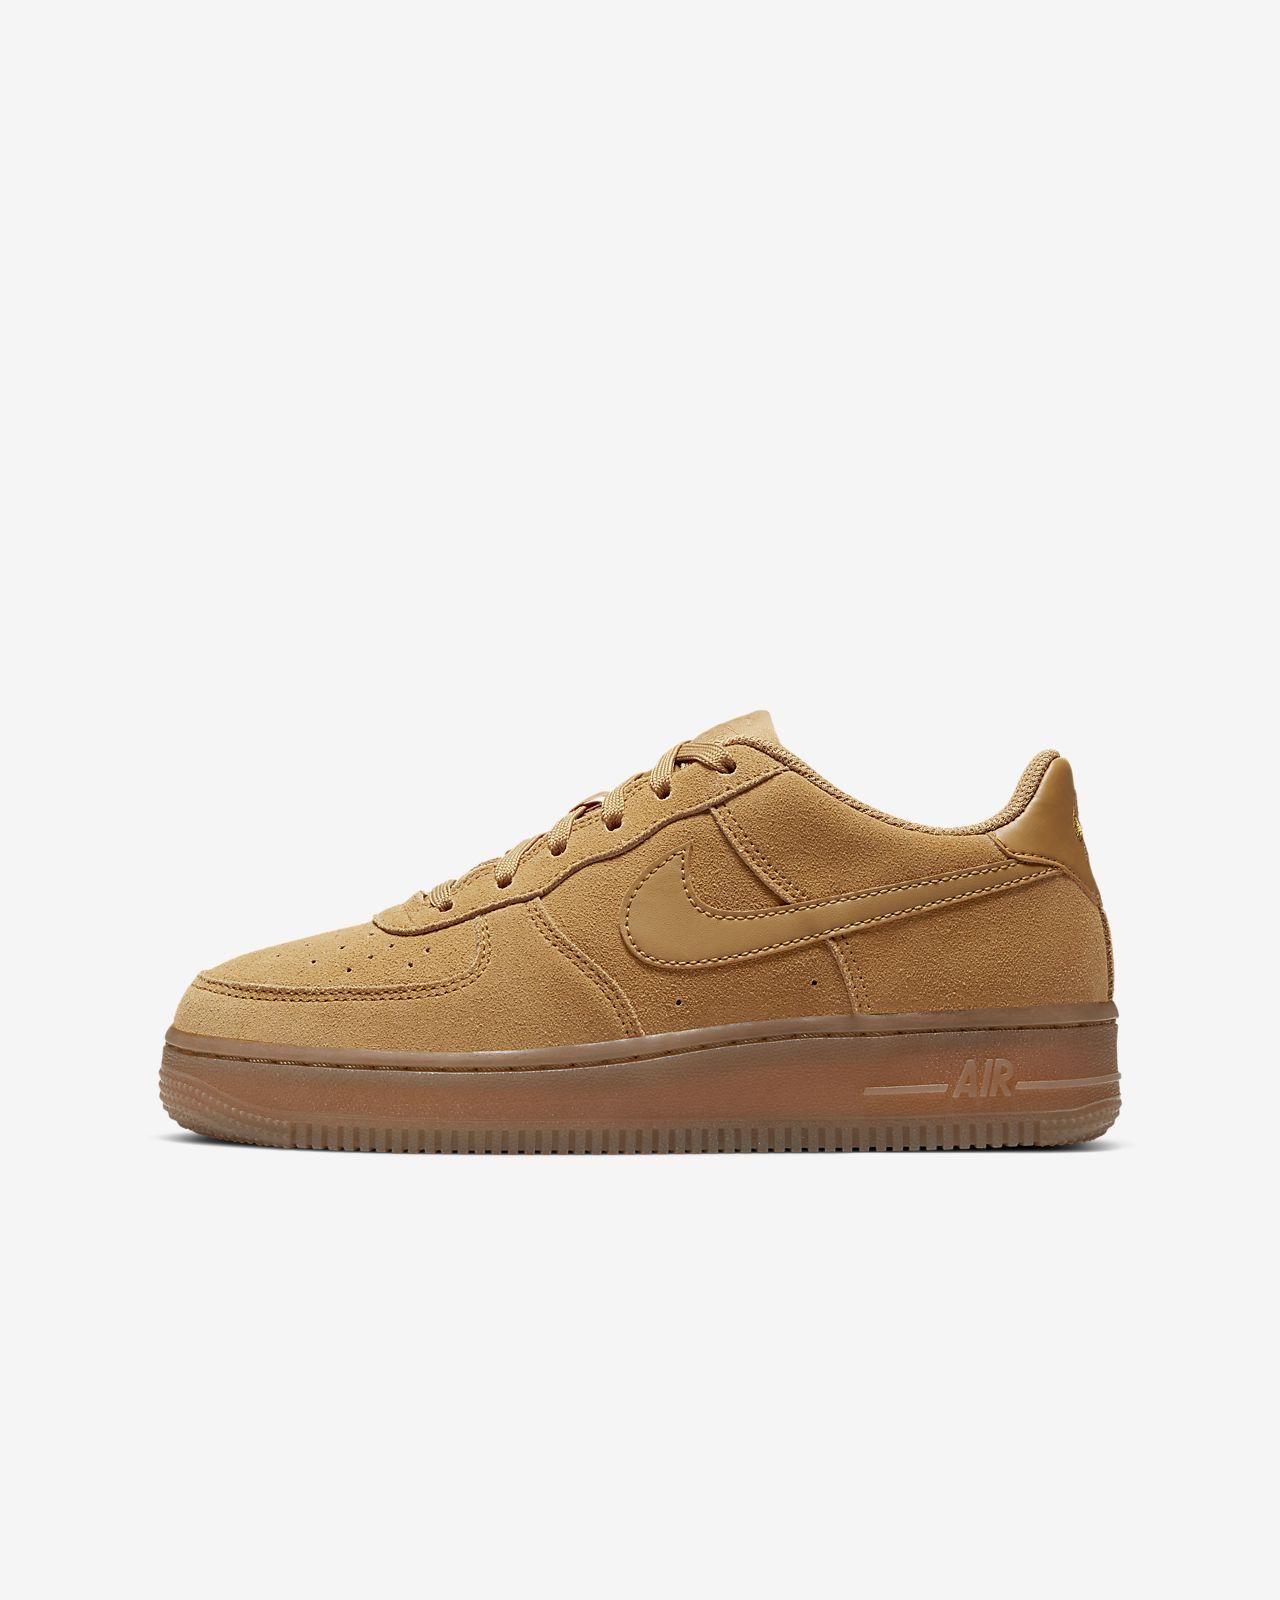 Nike Force 1 LV8 3 Older Kids' Shoe